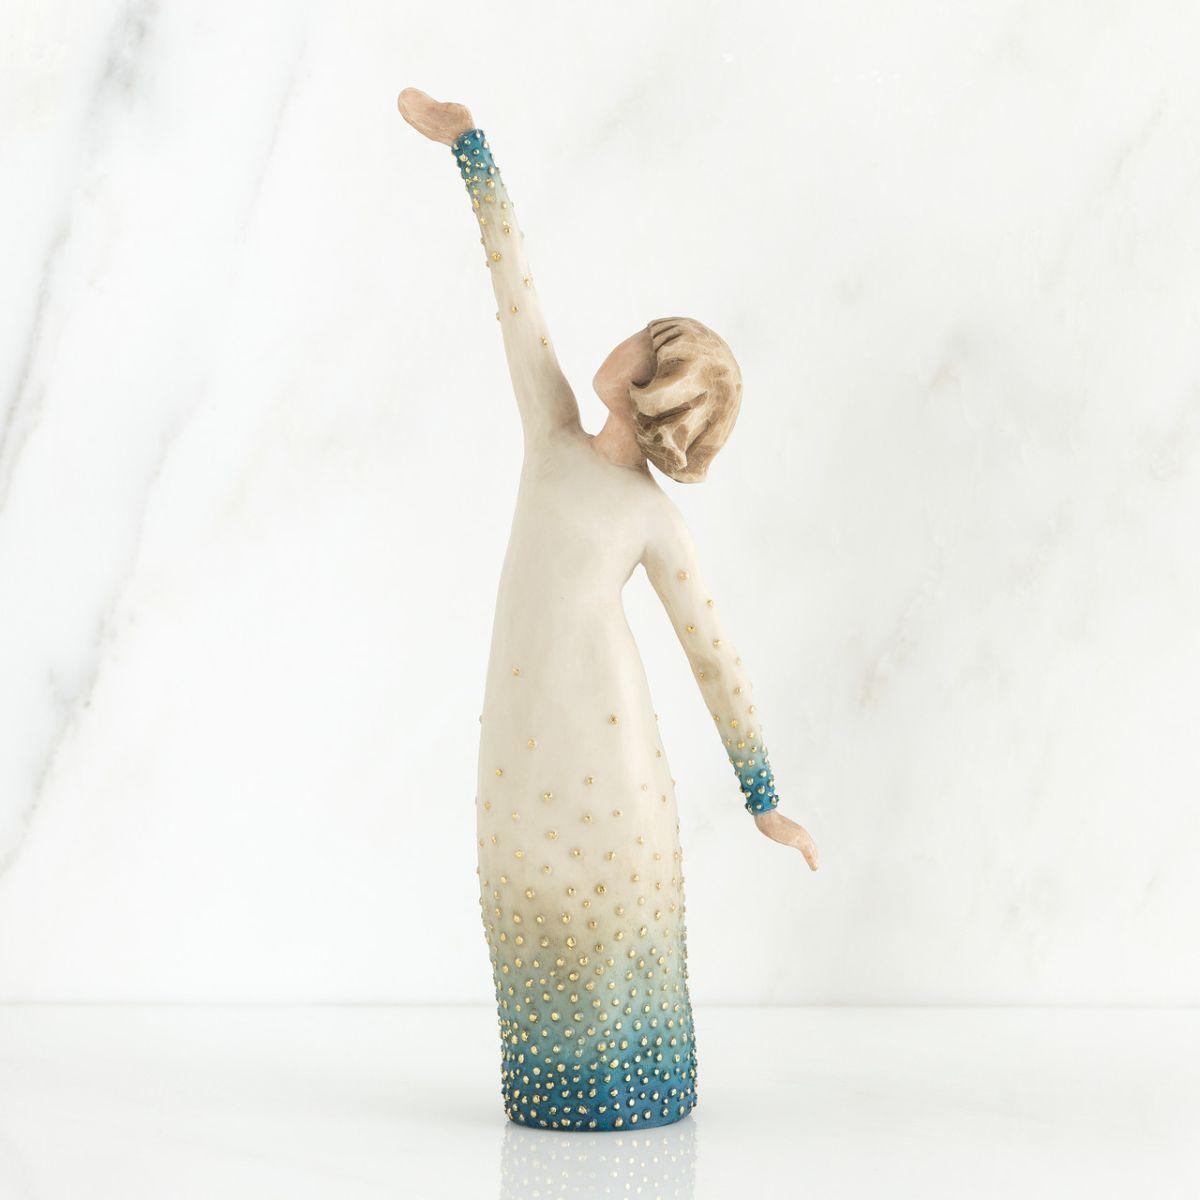 ウィローツリー彫像 【Shine】 - 輝き